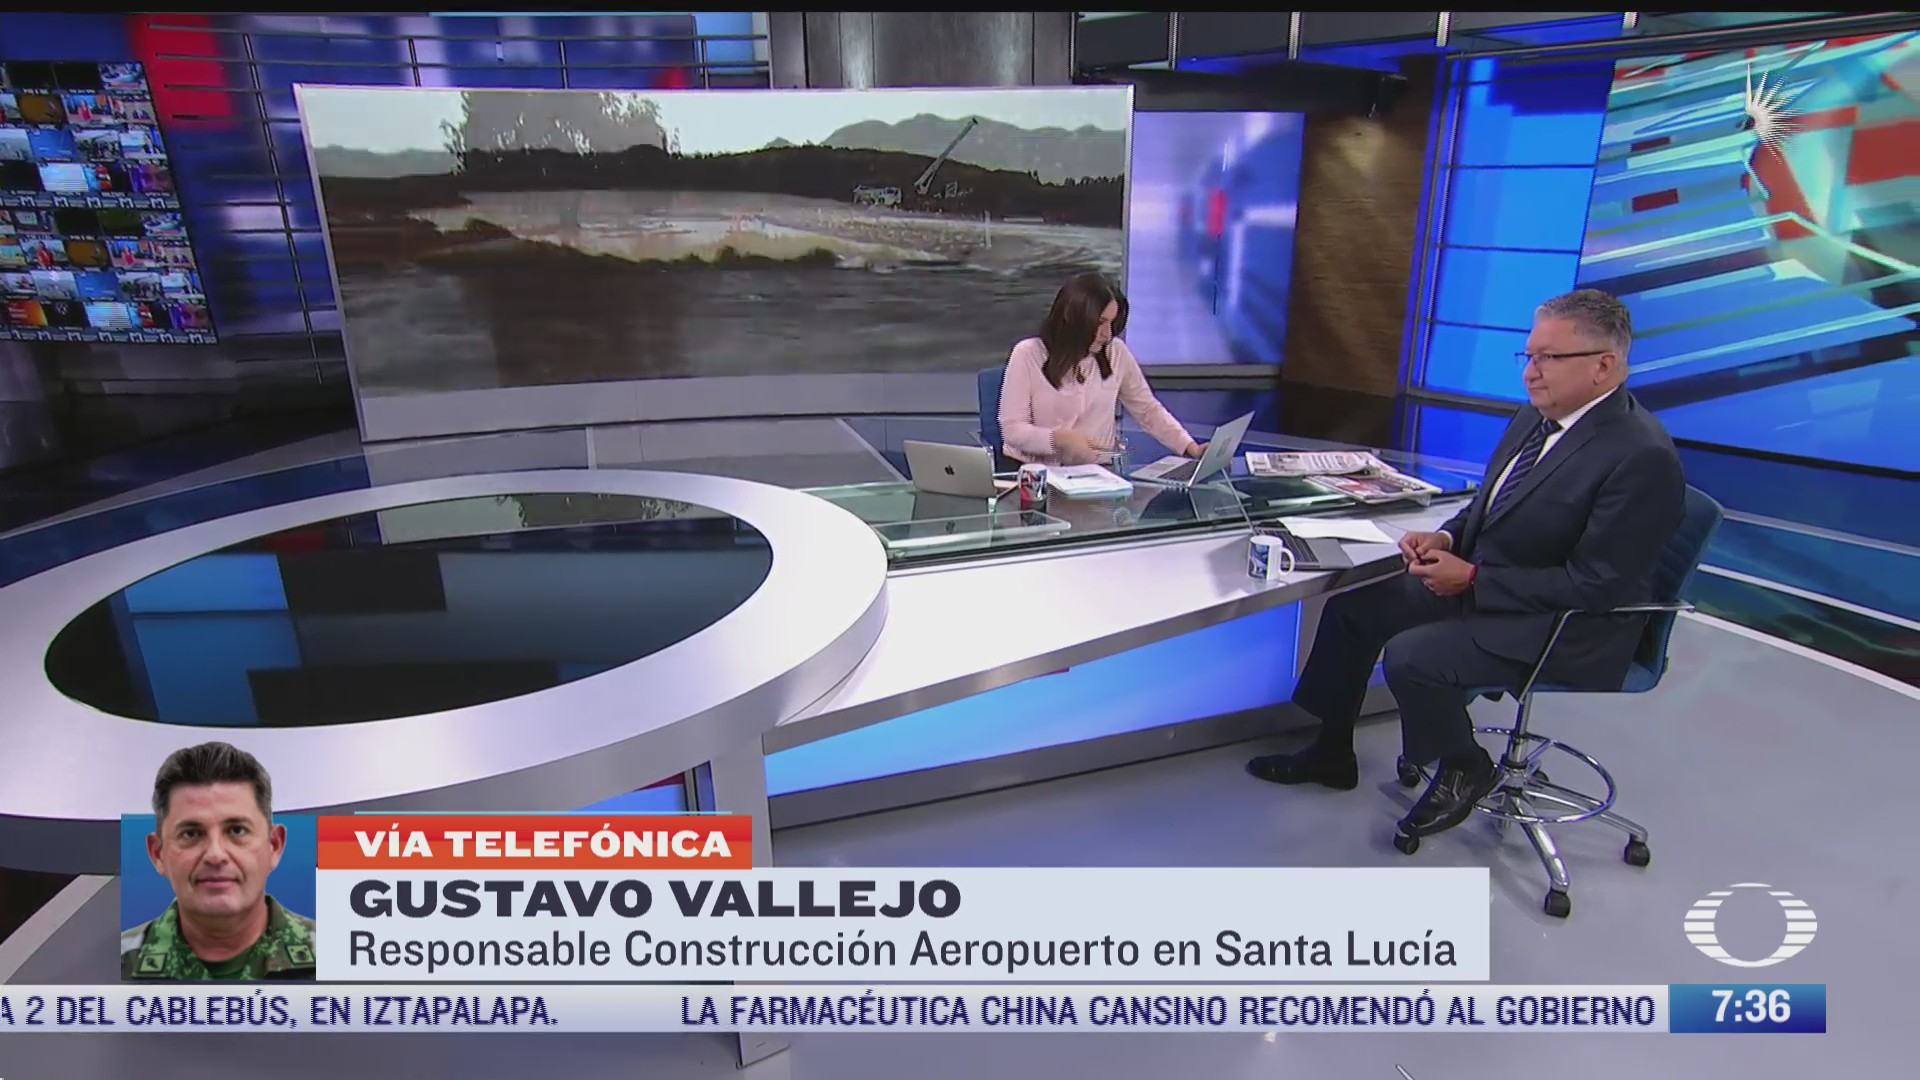 entrevista con gustavo vallejo responsable de la construccion del aeropuerto en santa lucia para despierta